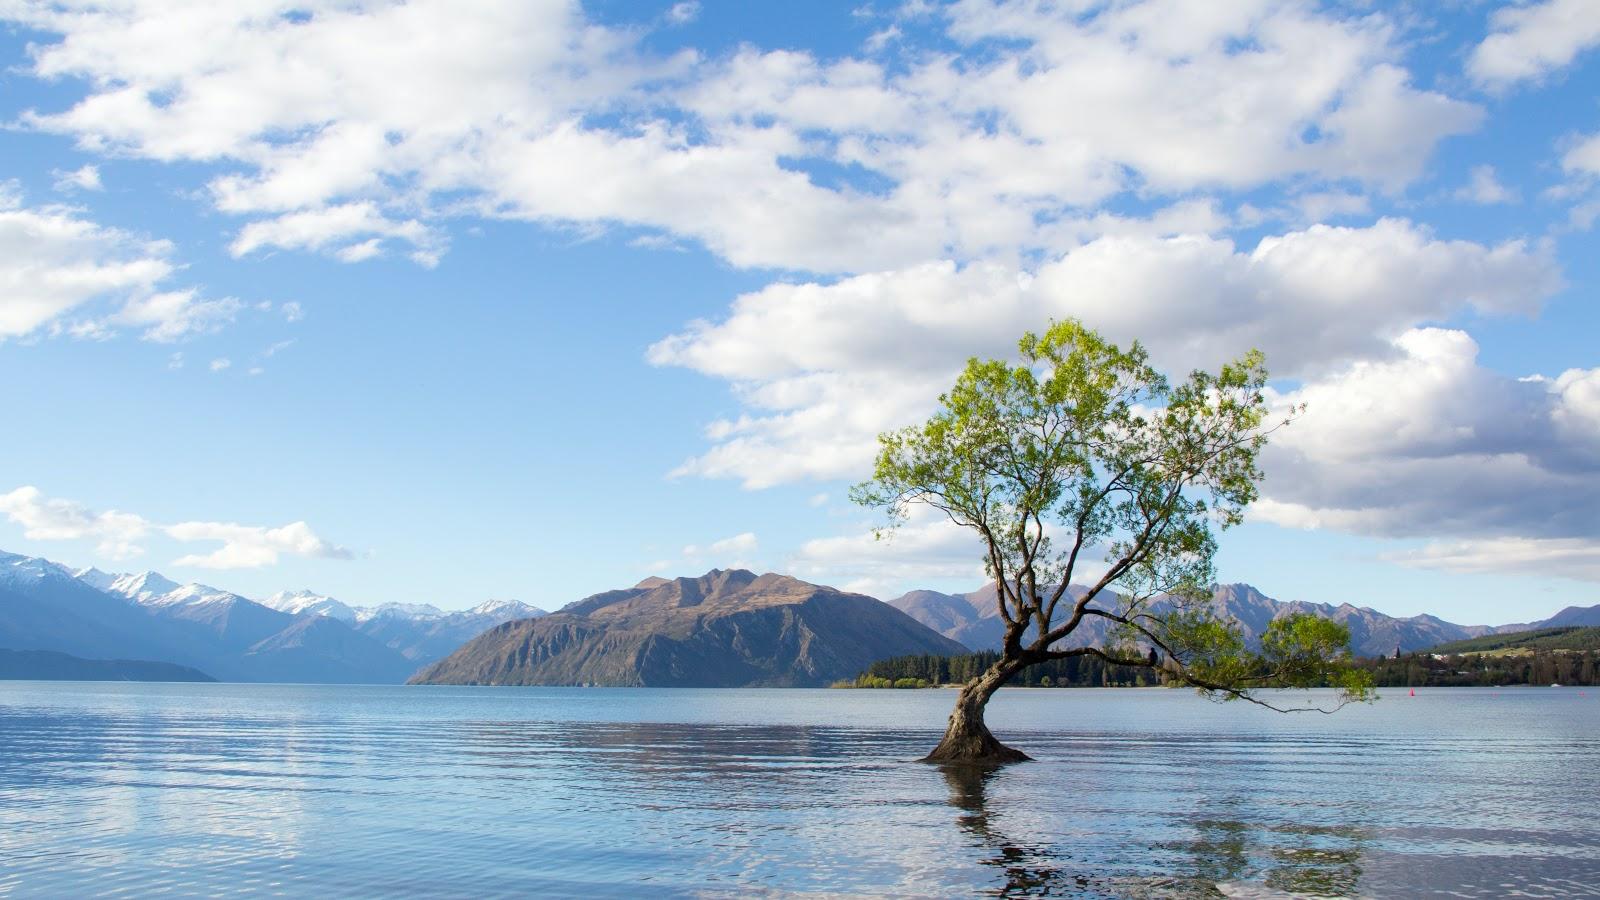 cây giữa hổ nước thức dậy tỉnh tảo đúng 5 giờ sáng